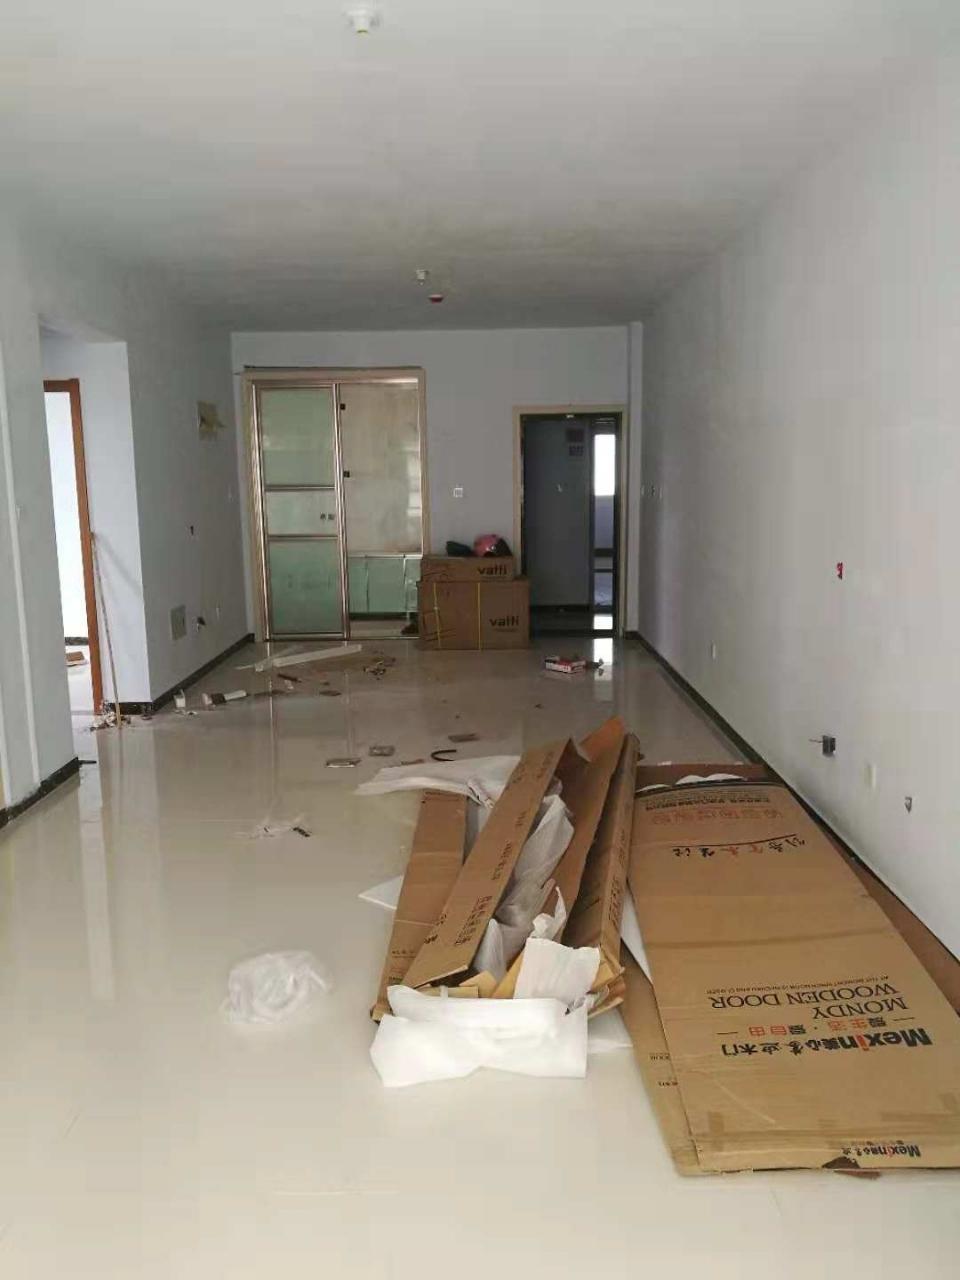 今日推出大禹盛景黄金楼层装修未住室两厅超值价65万